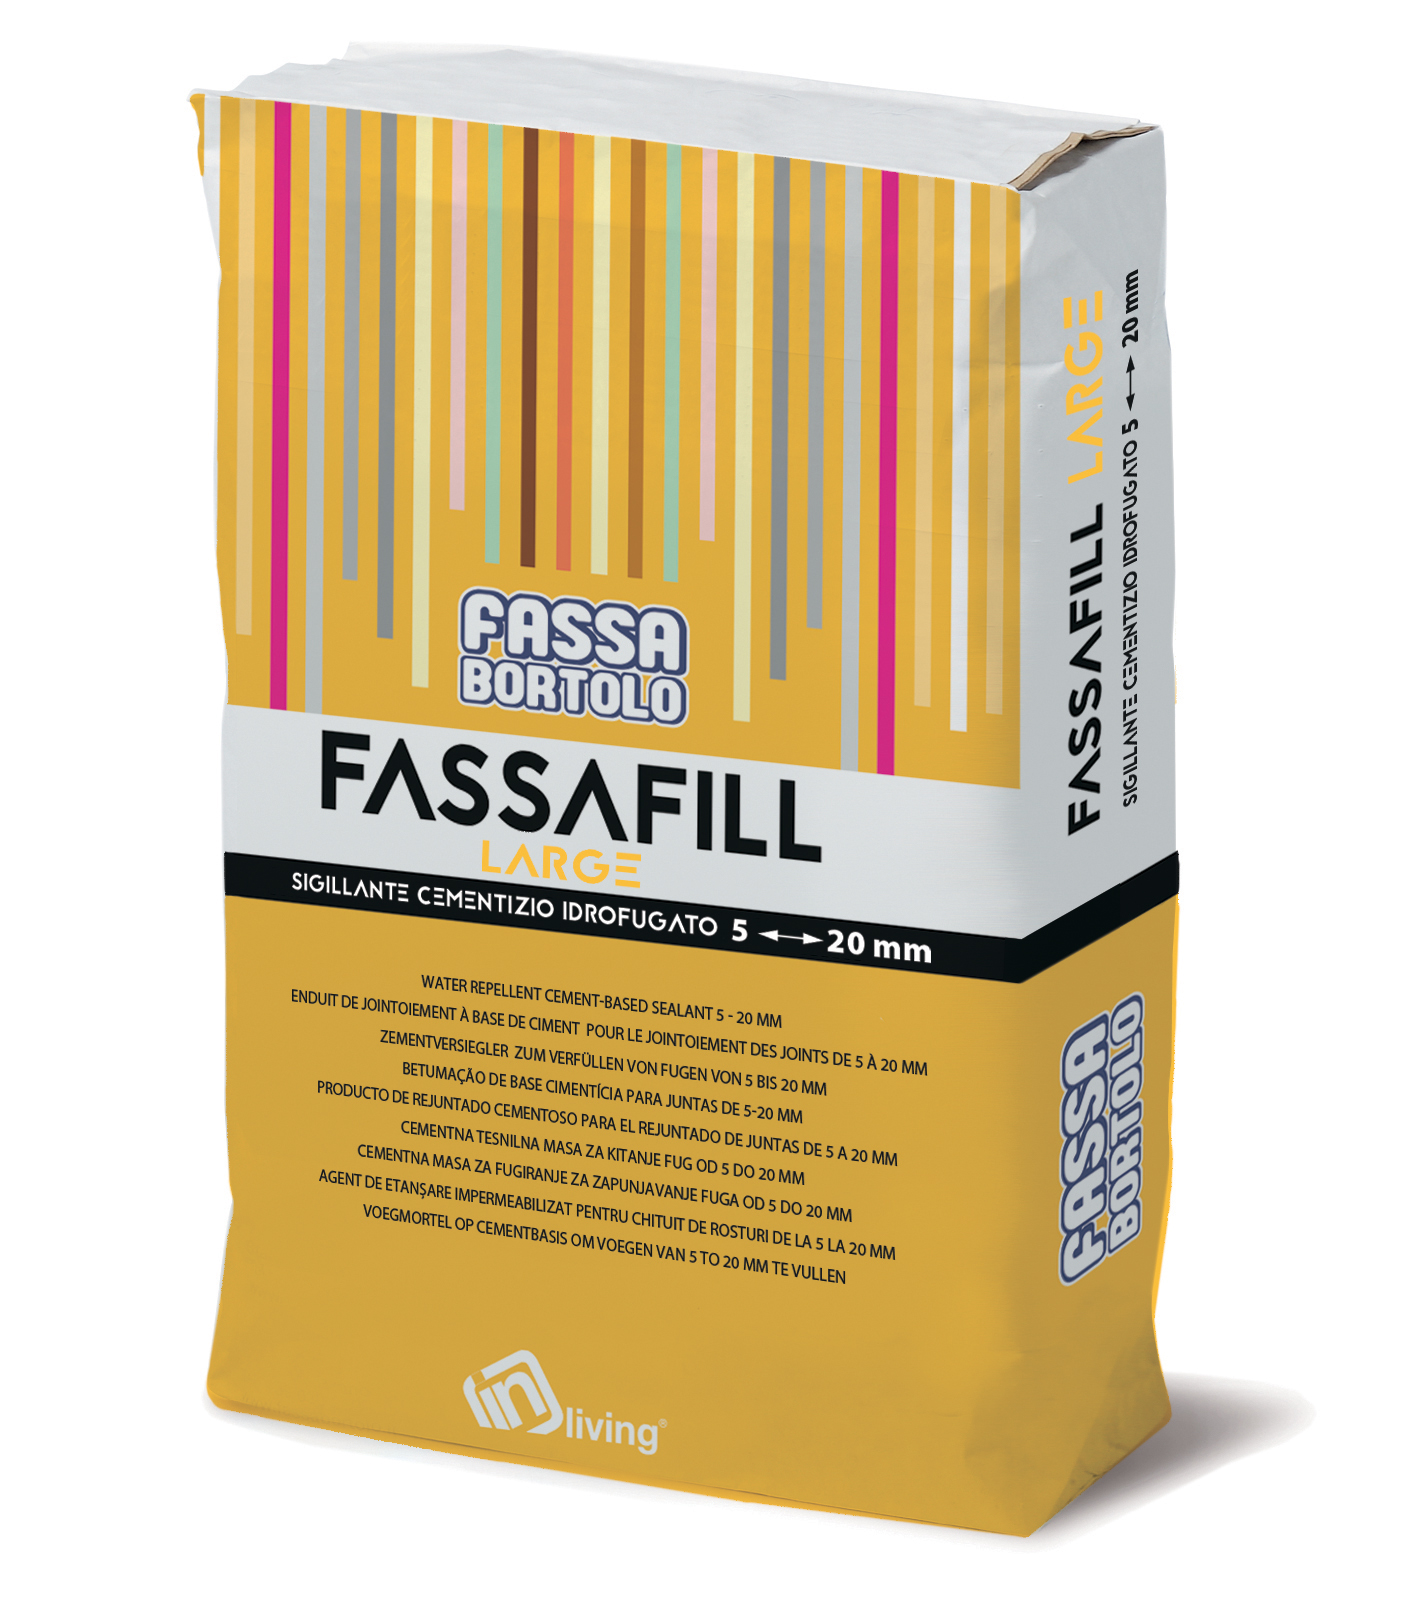 FASSAFILL LARGE: Betume cimentício hidrofugado, com altas resistências mecânicas e elevada resistência à abrasão, resistente a mofos e algas, para betumar juntas de 5 a 20 mm